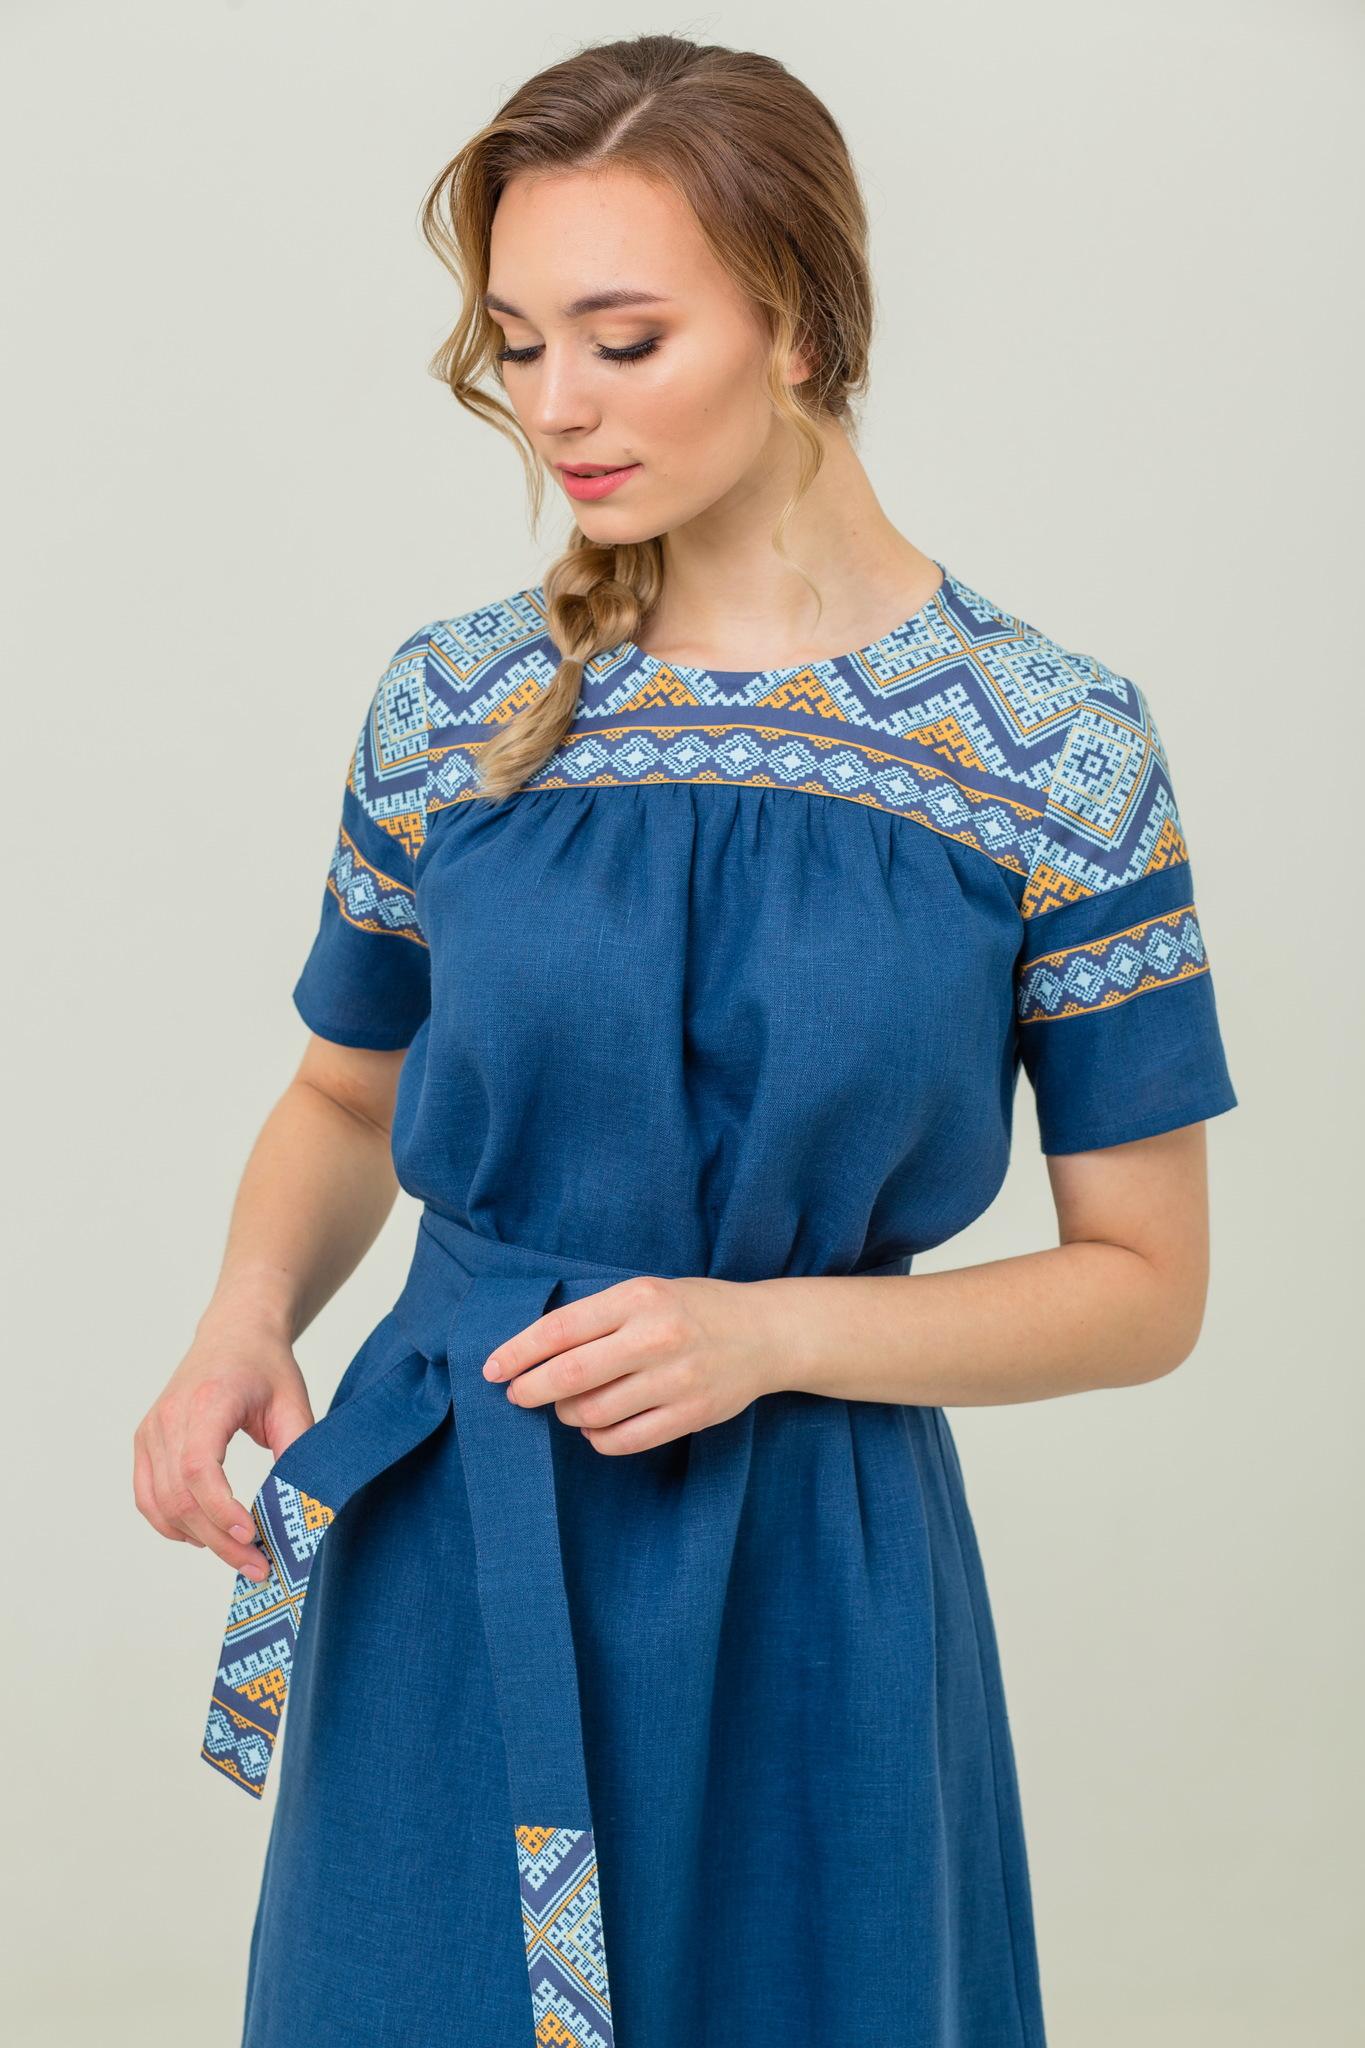 Платье миди обережное купить Каспийское